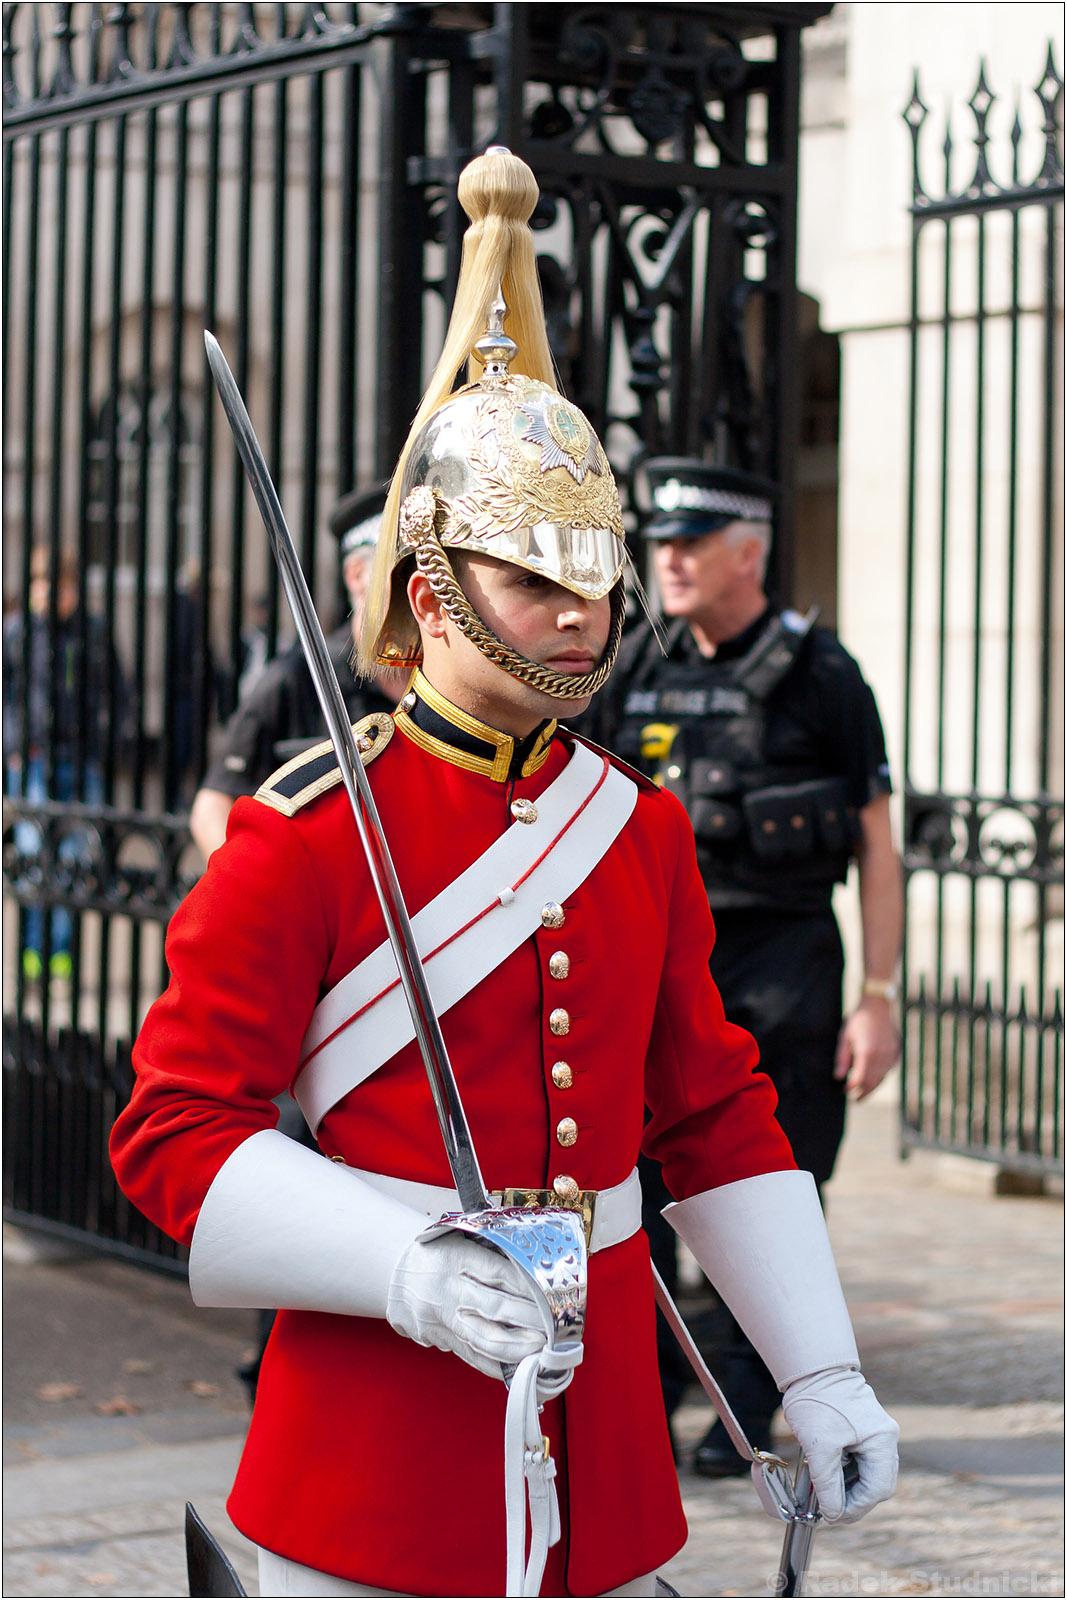 Strażnik przed budynkami rządowymi w Londynie